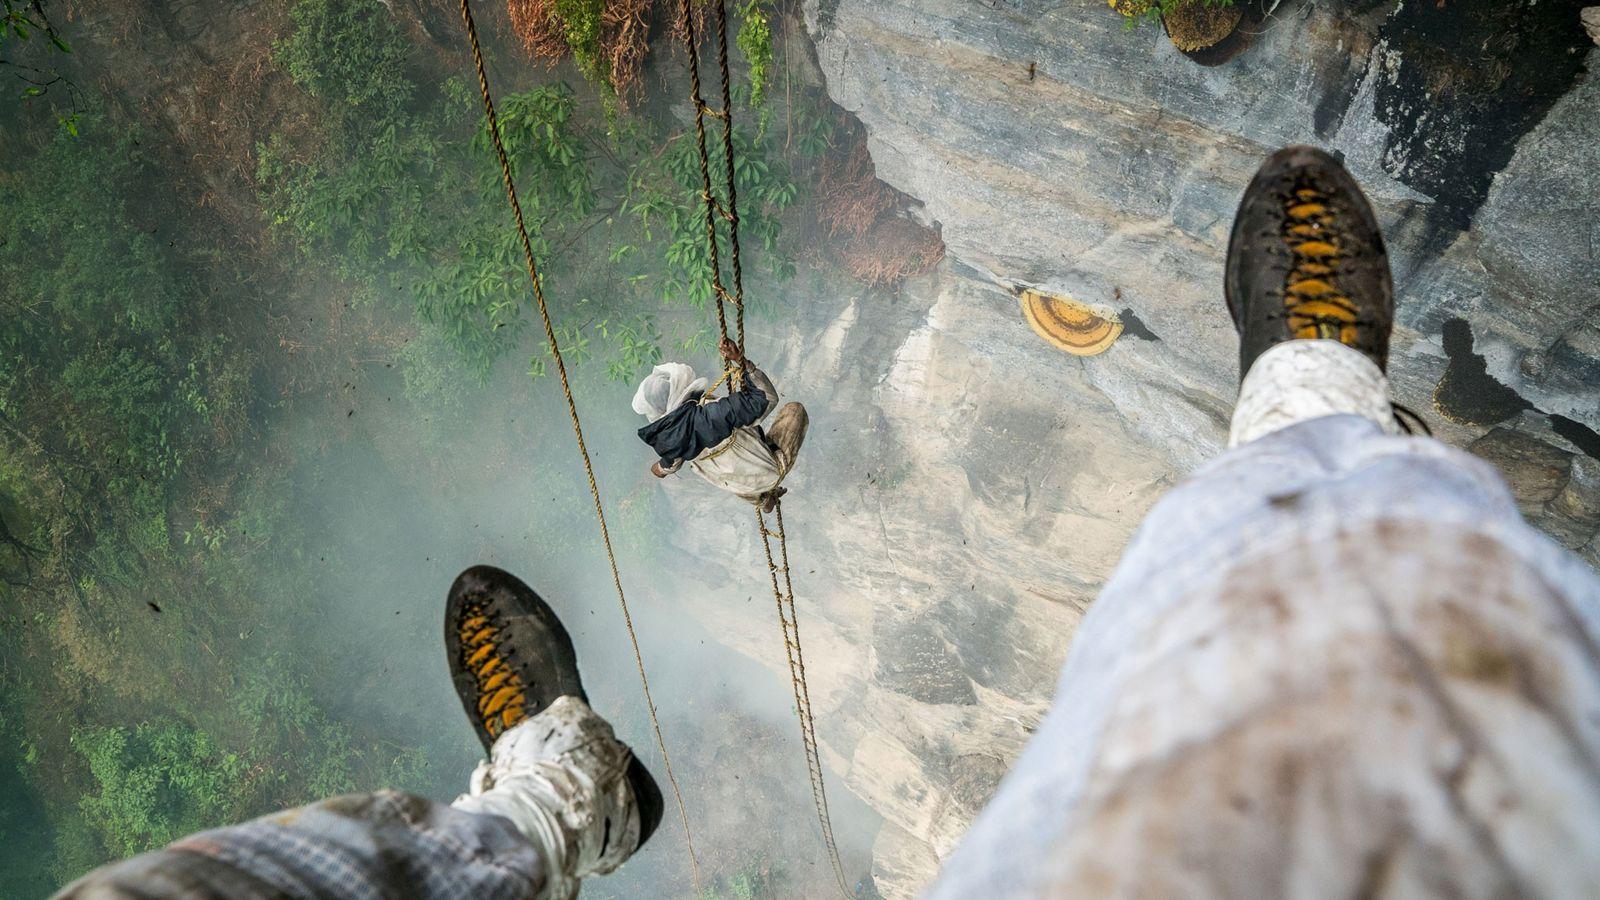 Renan Ozturk fotografiert den letzten Honigjäger Nepals